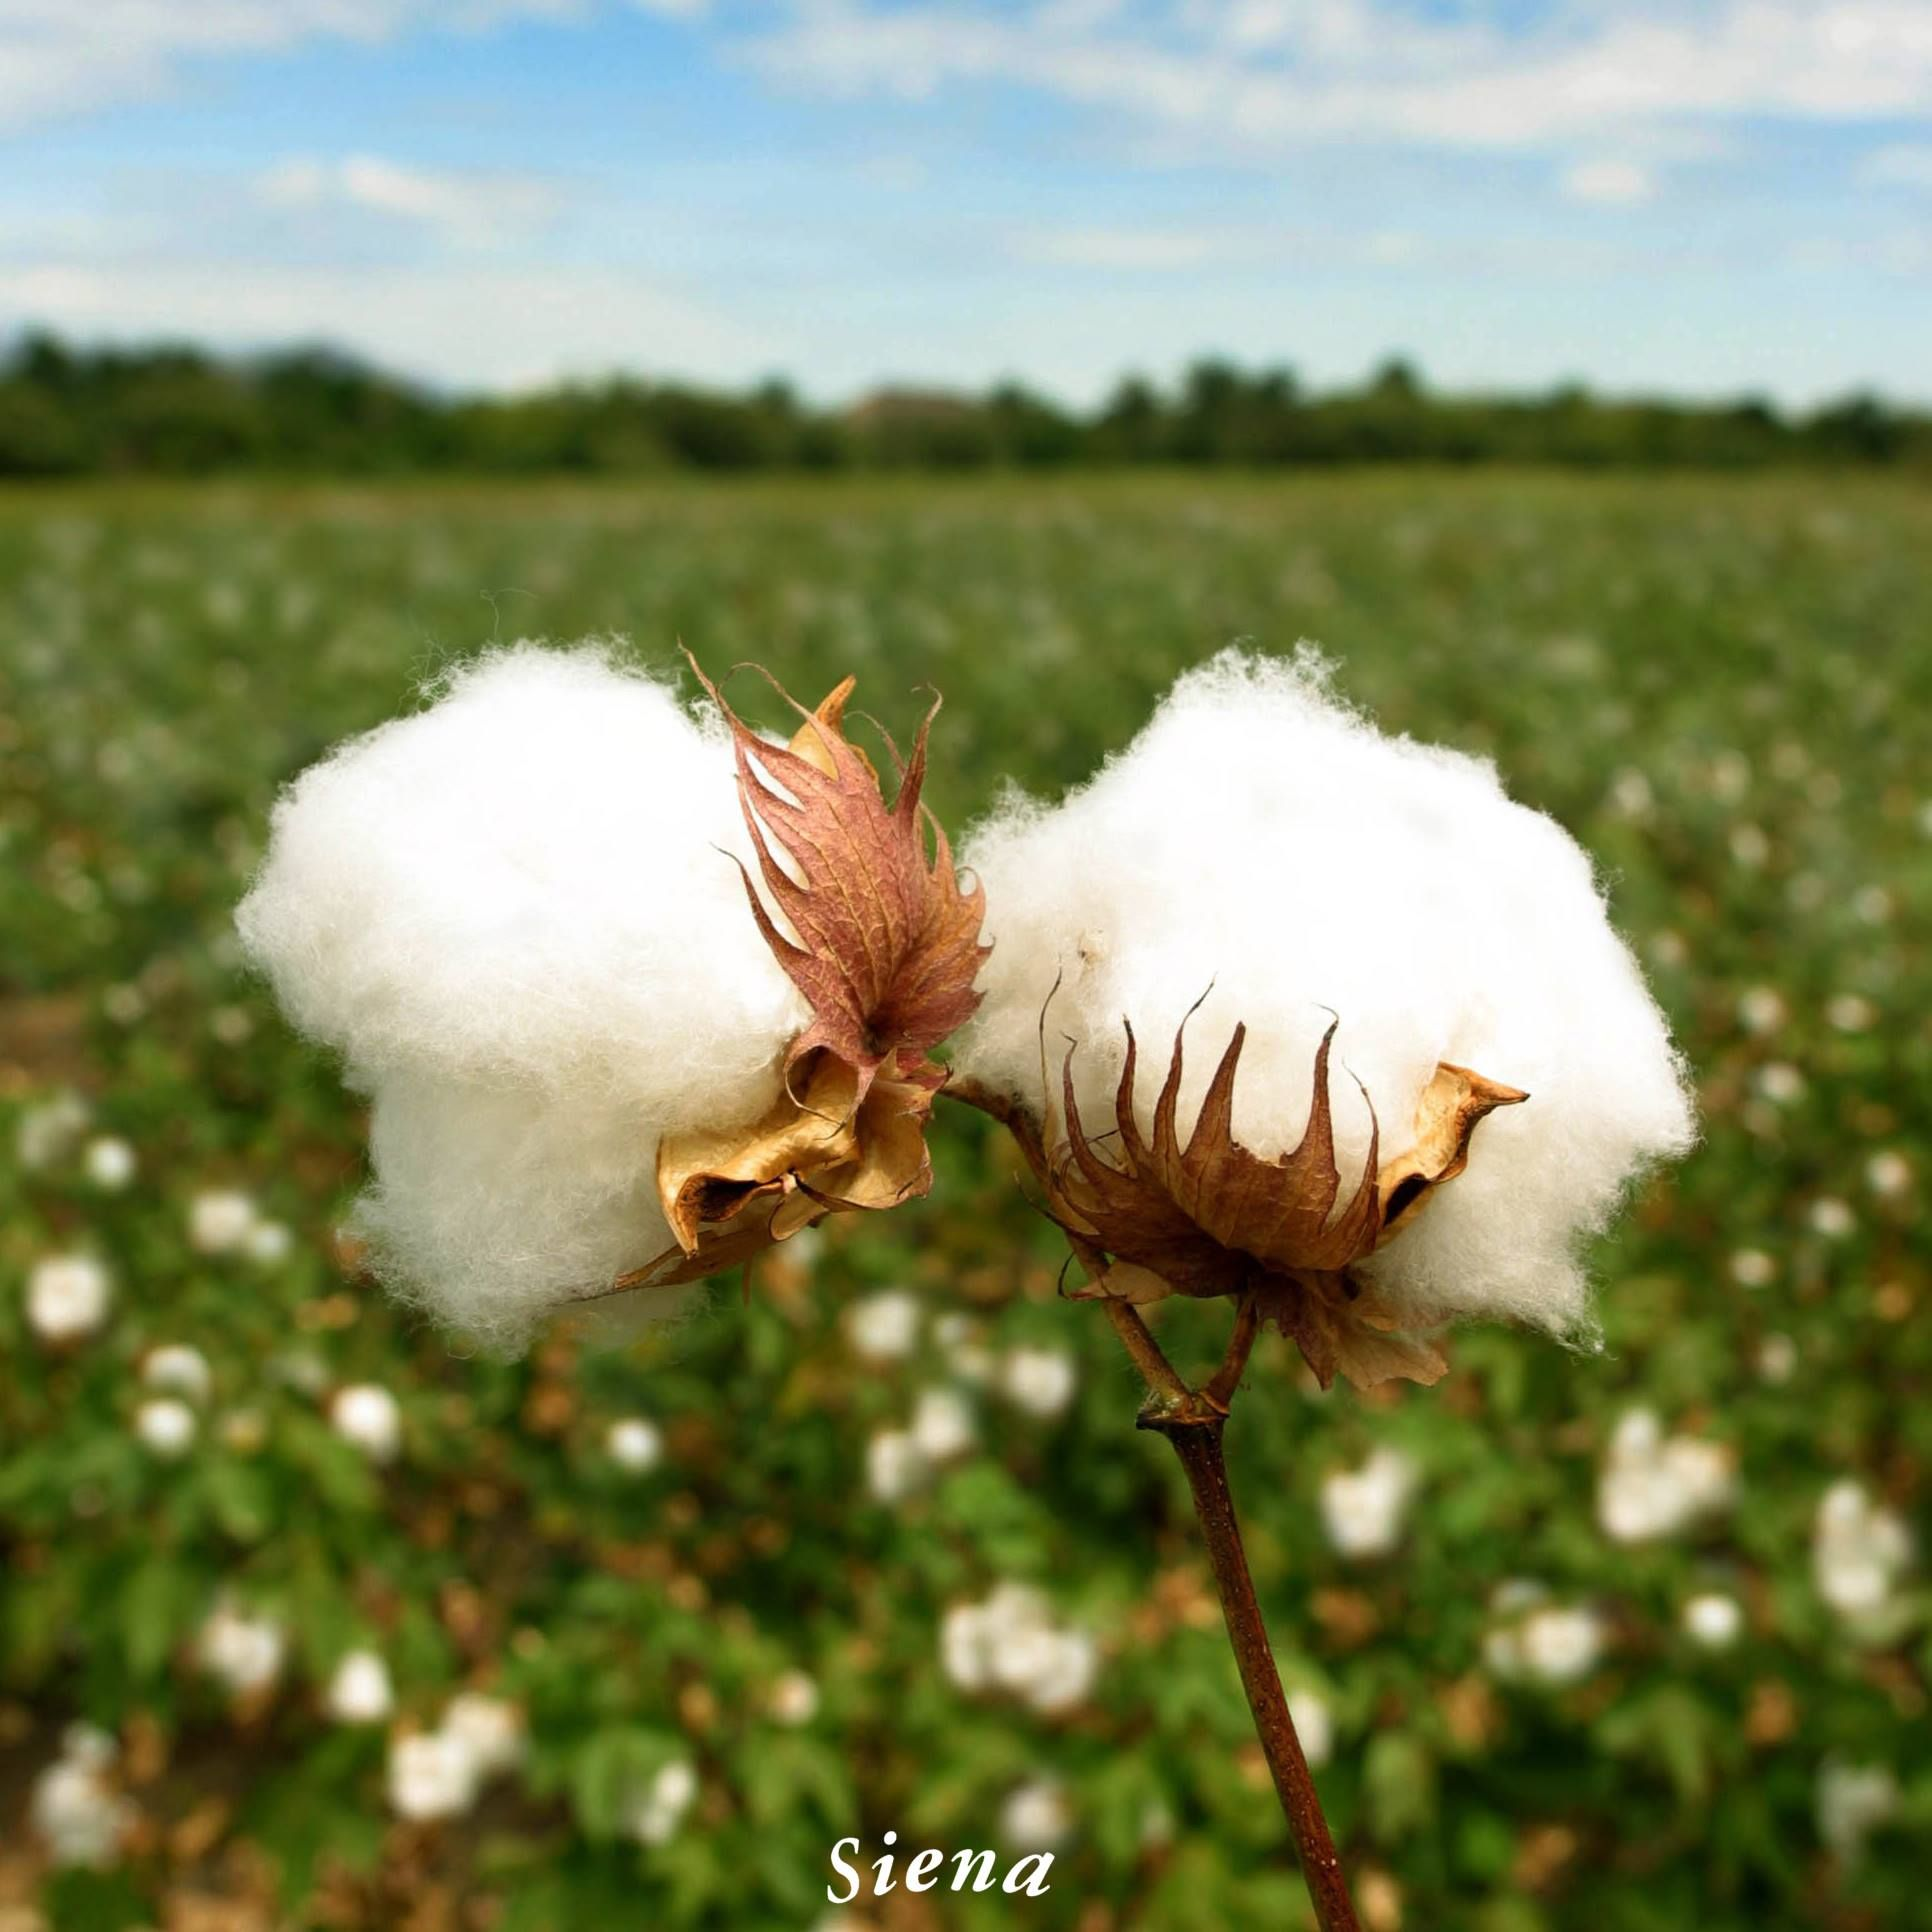 Materiaprima De Primeracalidad El Algodon Proviene Del Algodonero Planta Del Genero Gossypium Perteneciente A La Fam Planta De Algodon Plantas Semillas